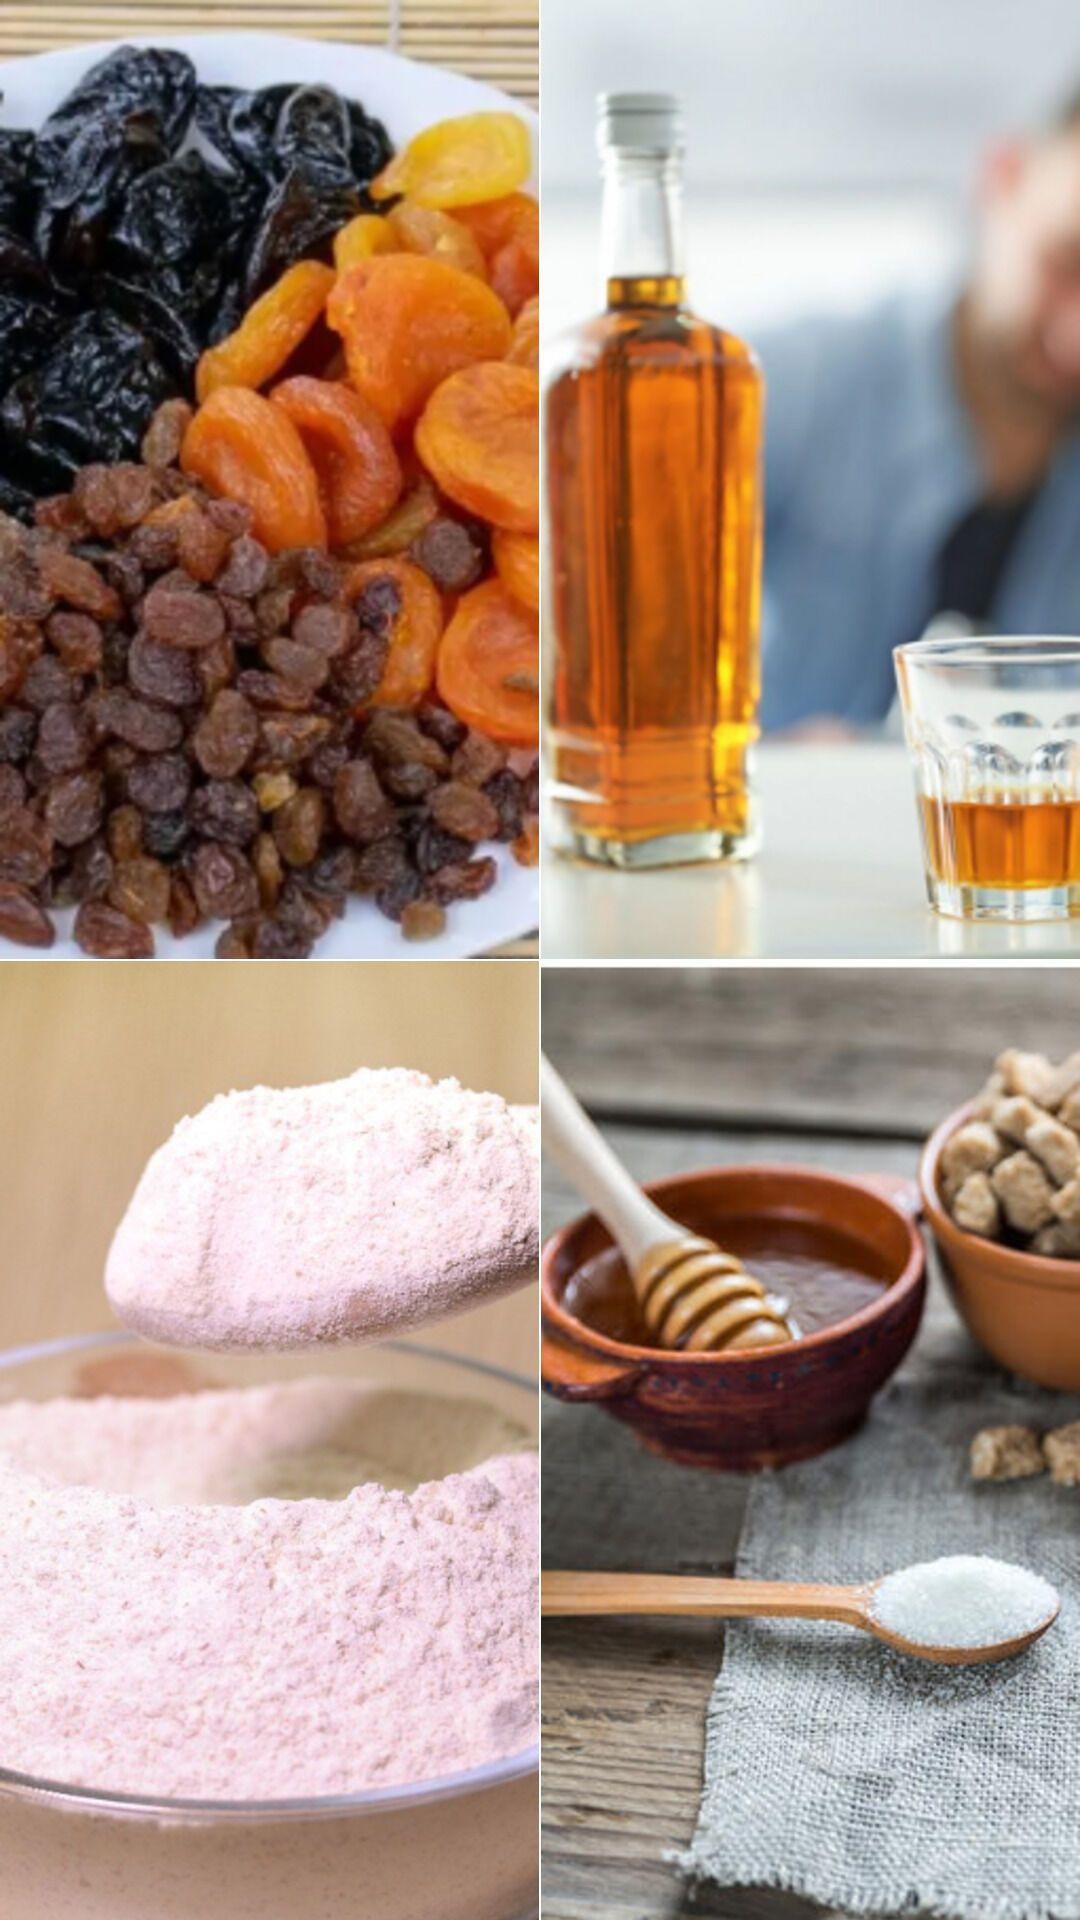 Провокують тривогу і стрес: дієтологиня назвала небезпечні в період карантину продукти